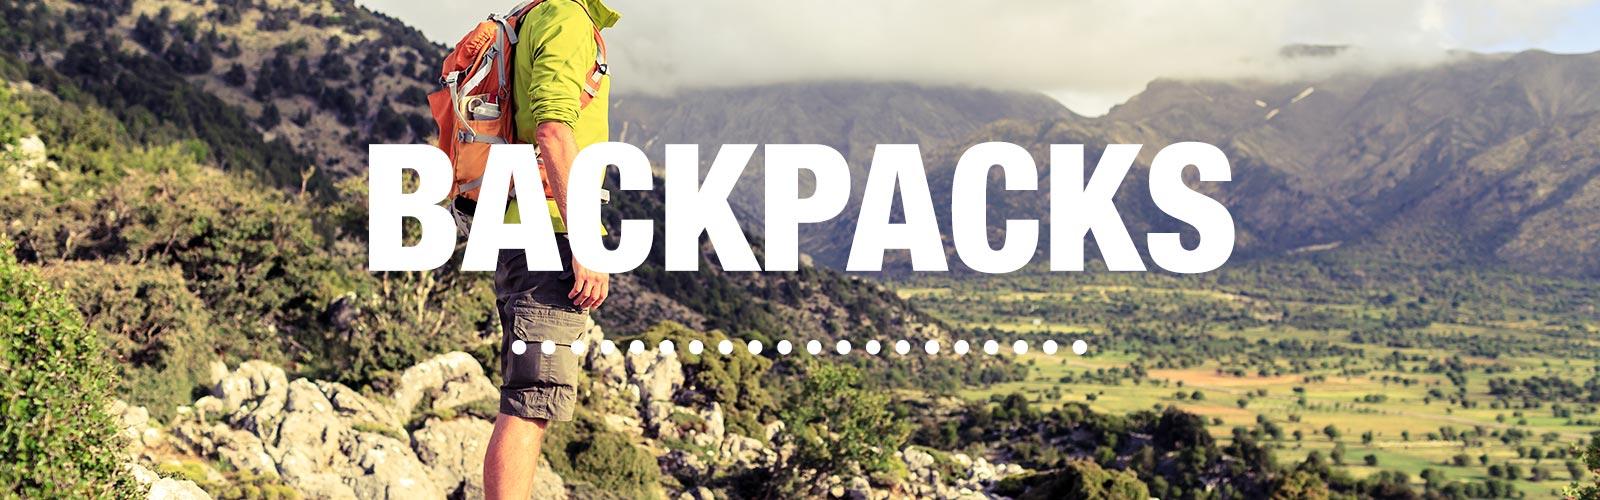 Backpack Guide: Sierra